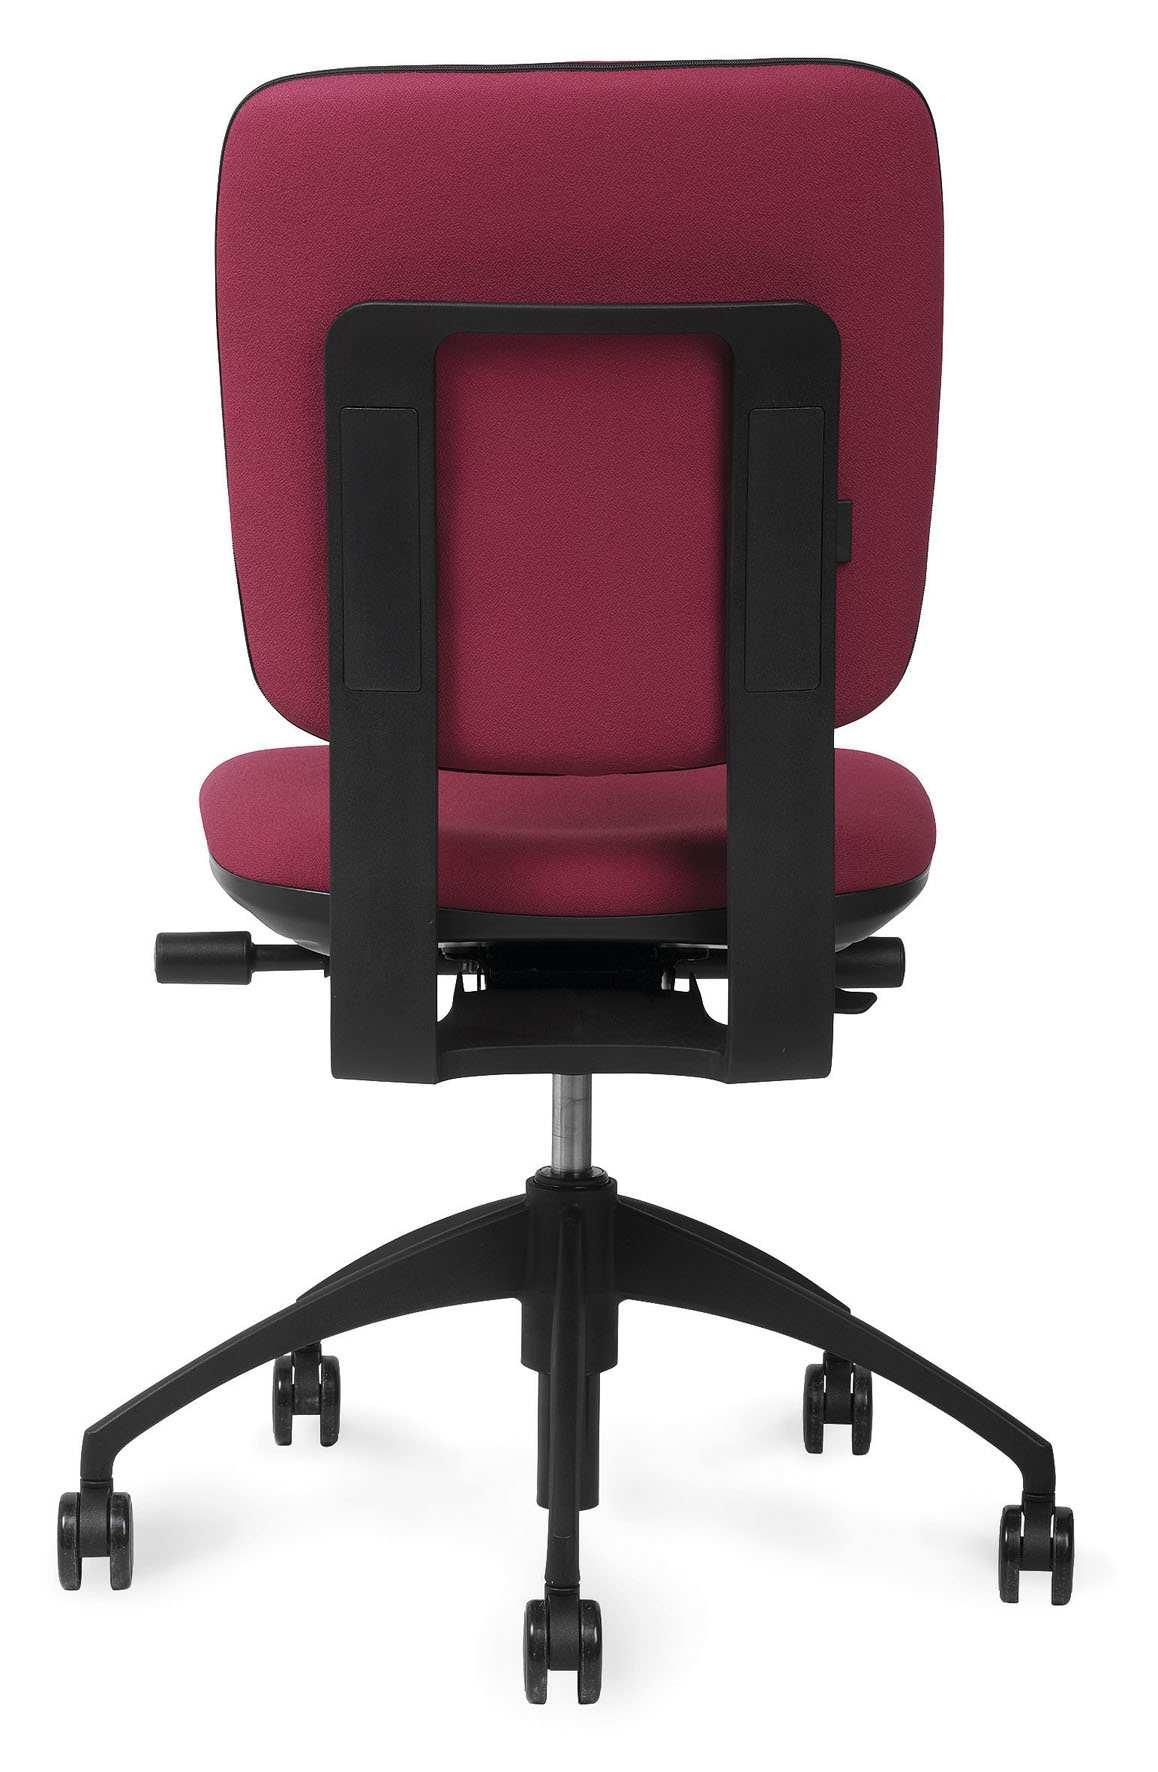 100 fauteuil bureau pliante chaises avec achetez en for Table pliante avec rangement chaise